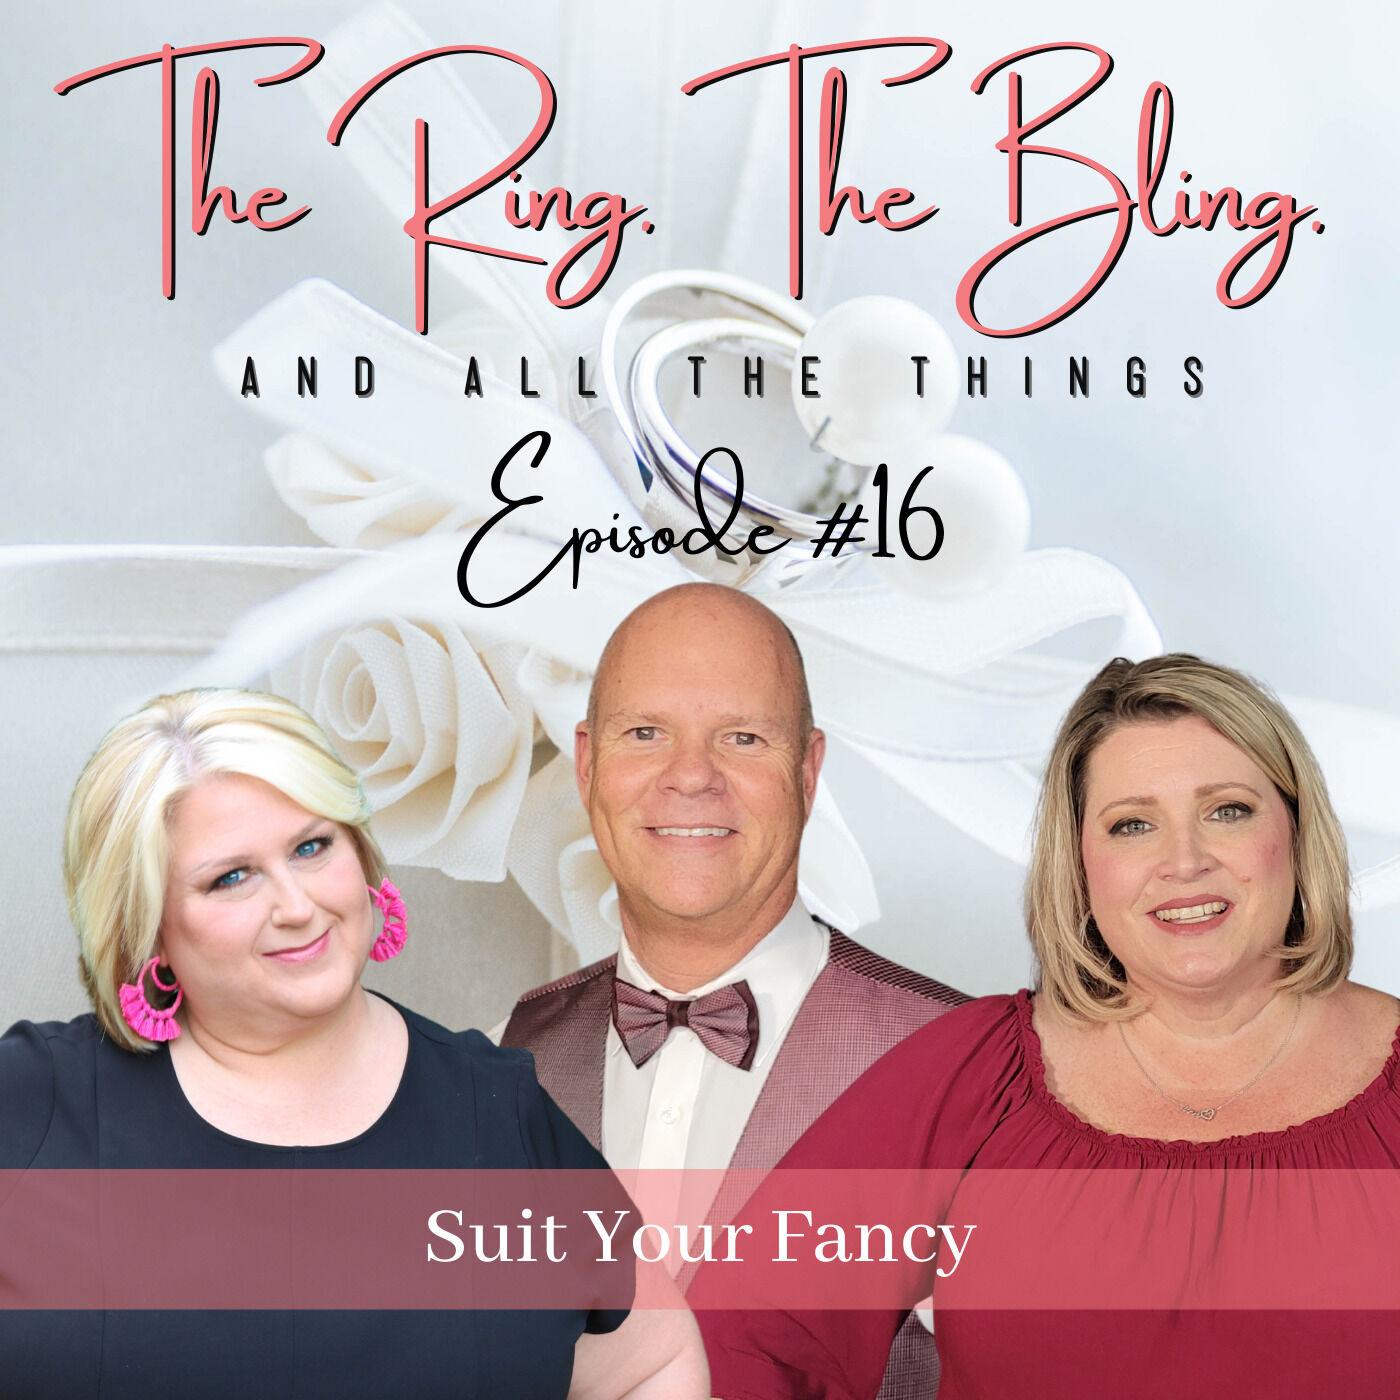 Suit Your Fancy - Tuxedos & Suits